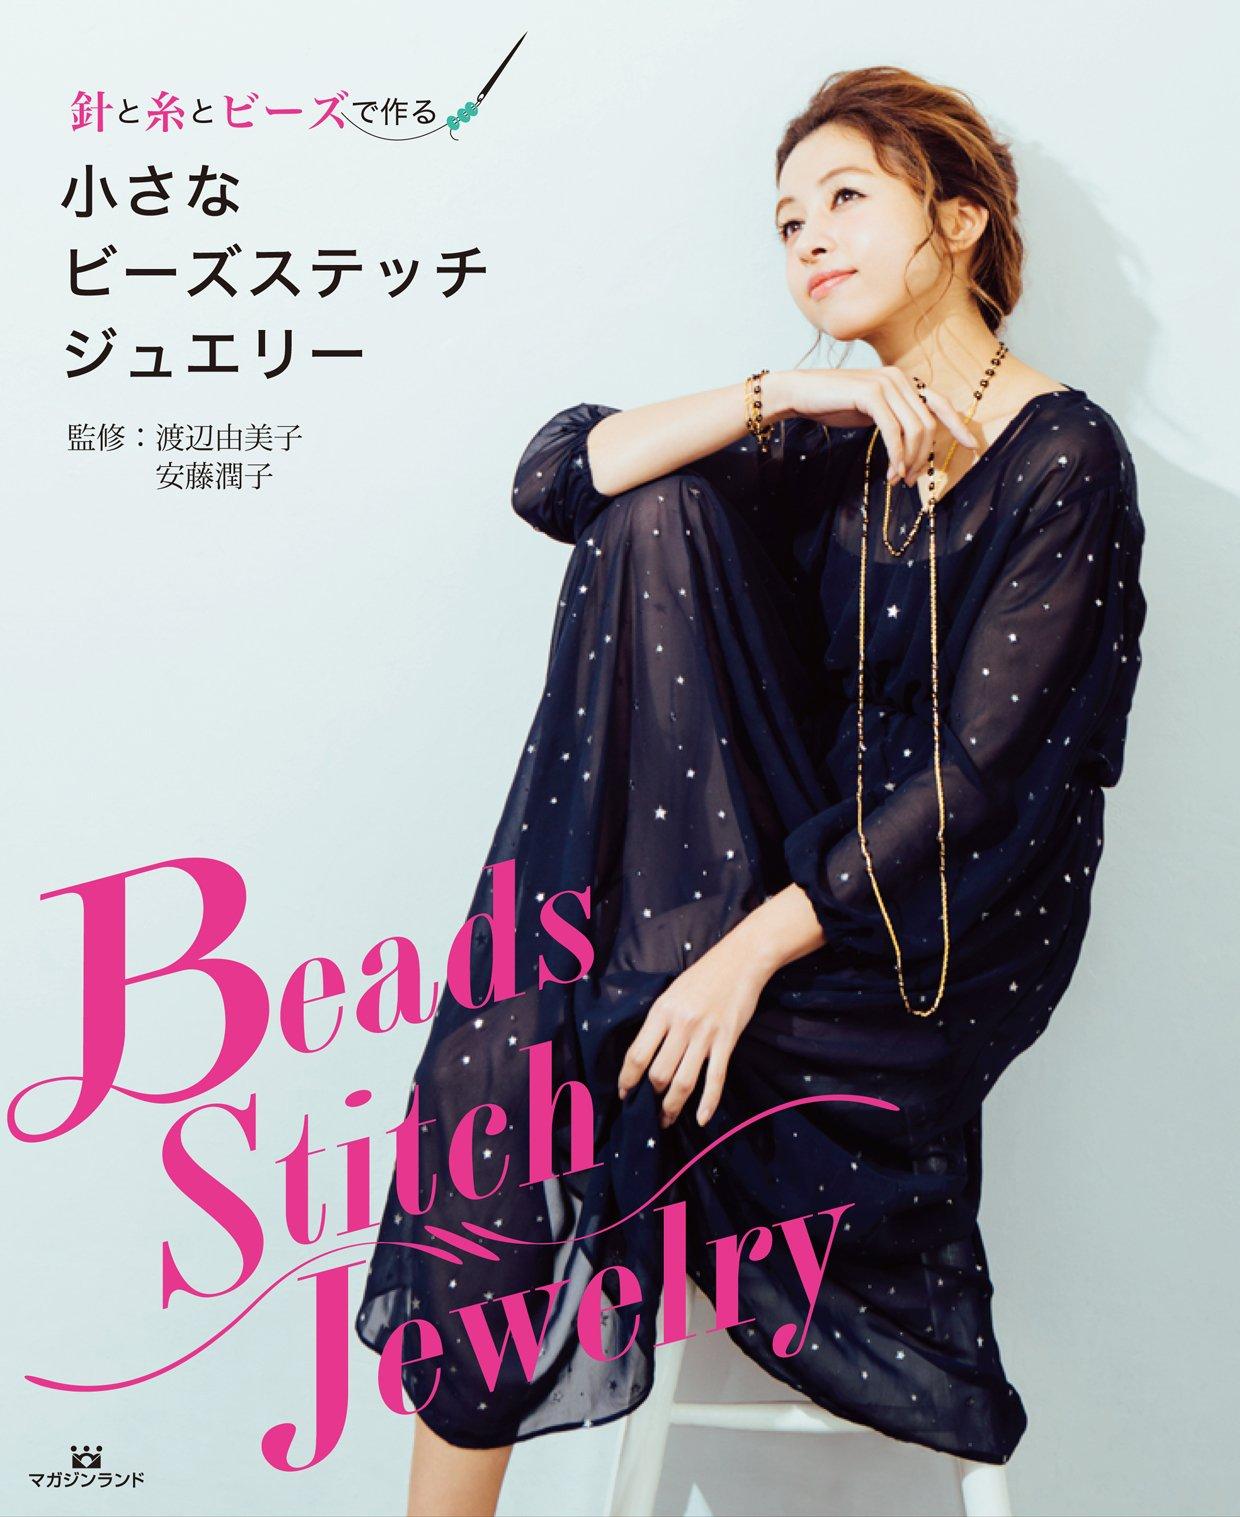 Small beads stitch jewelry by Yumiko Watanabe